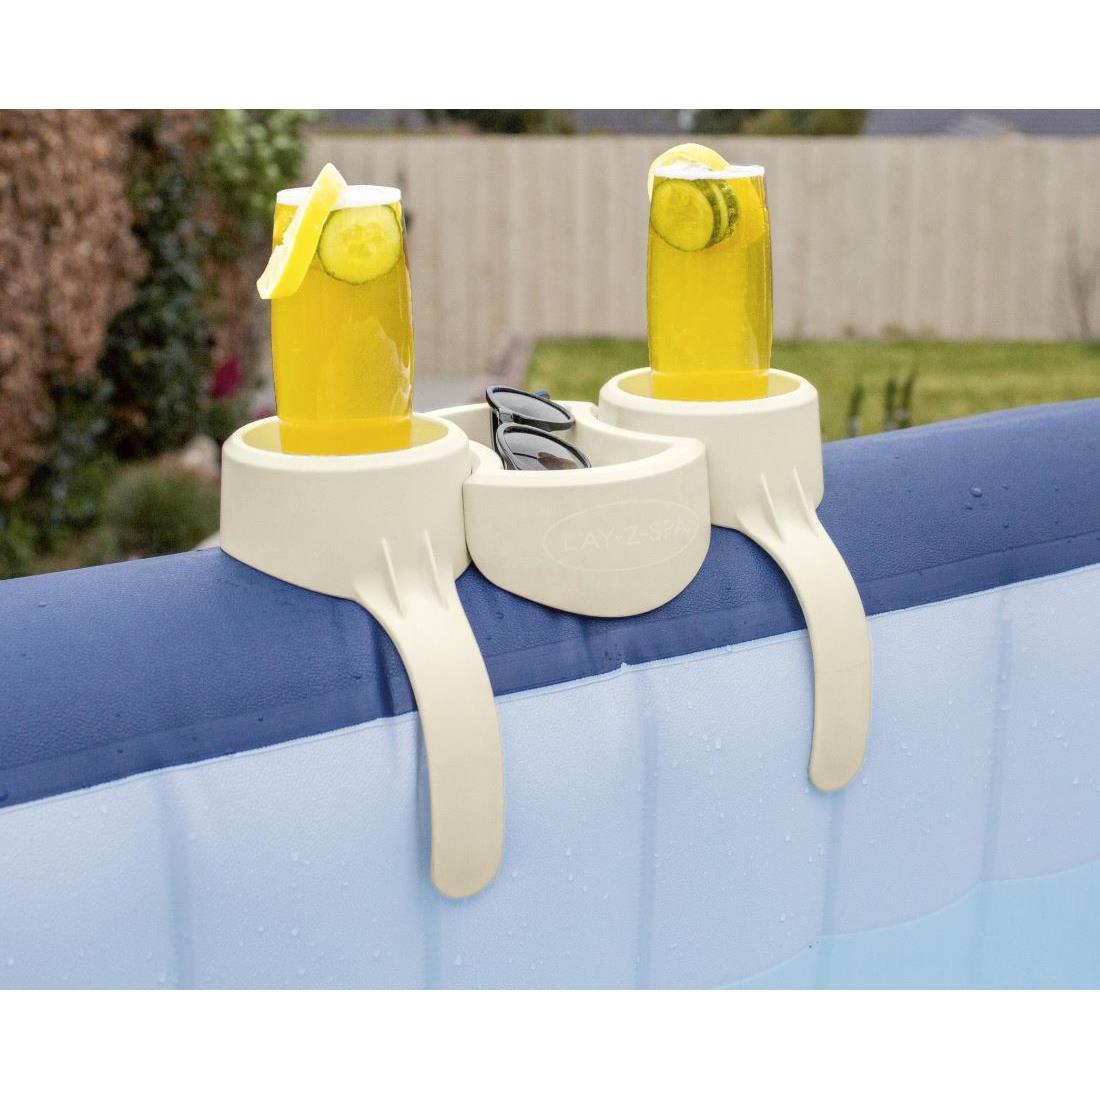 Bestway LAY-Z-SPA Getränkehalter für 2 Personen inklusive Ablage Whirlpool ,Bestway,60306, 6942138981209